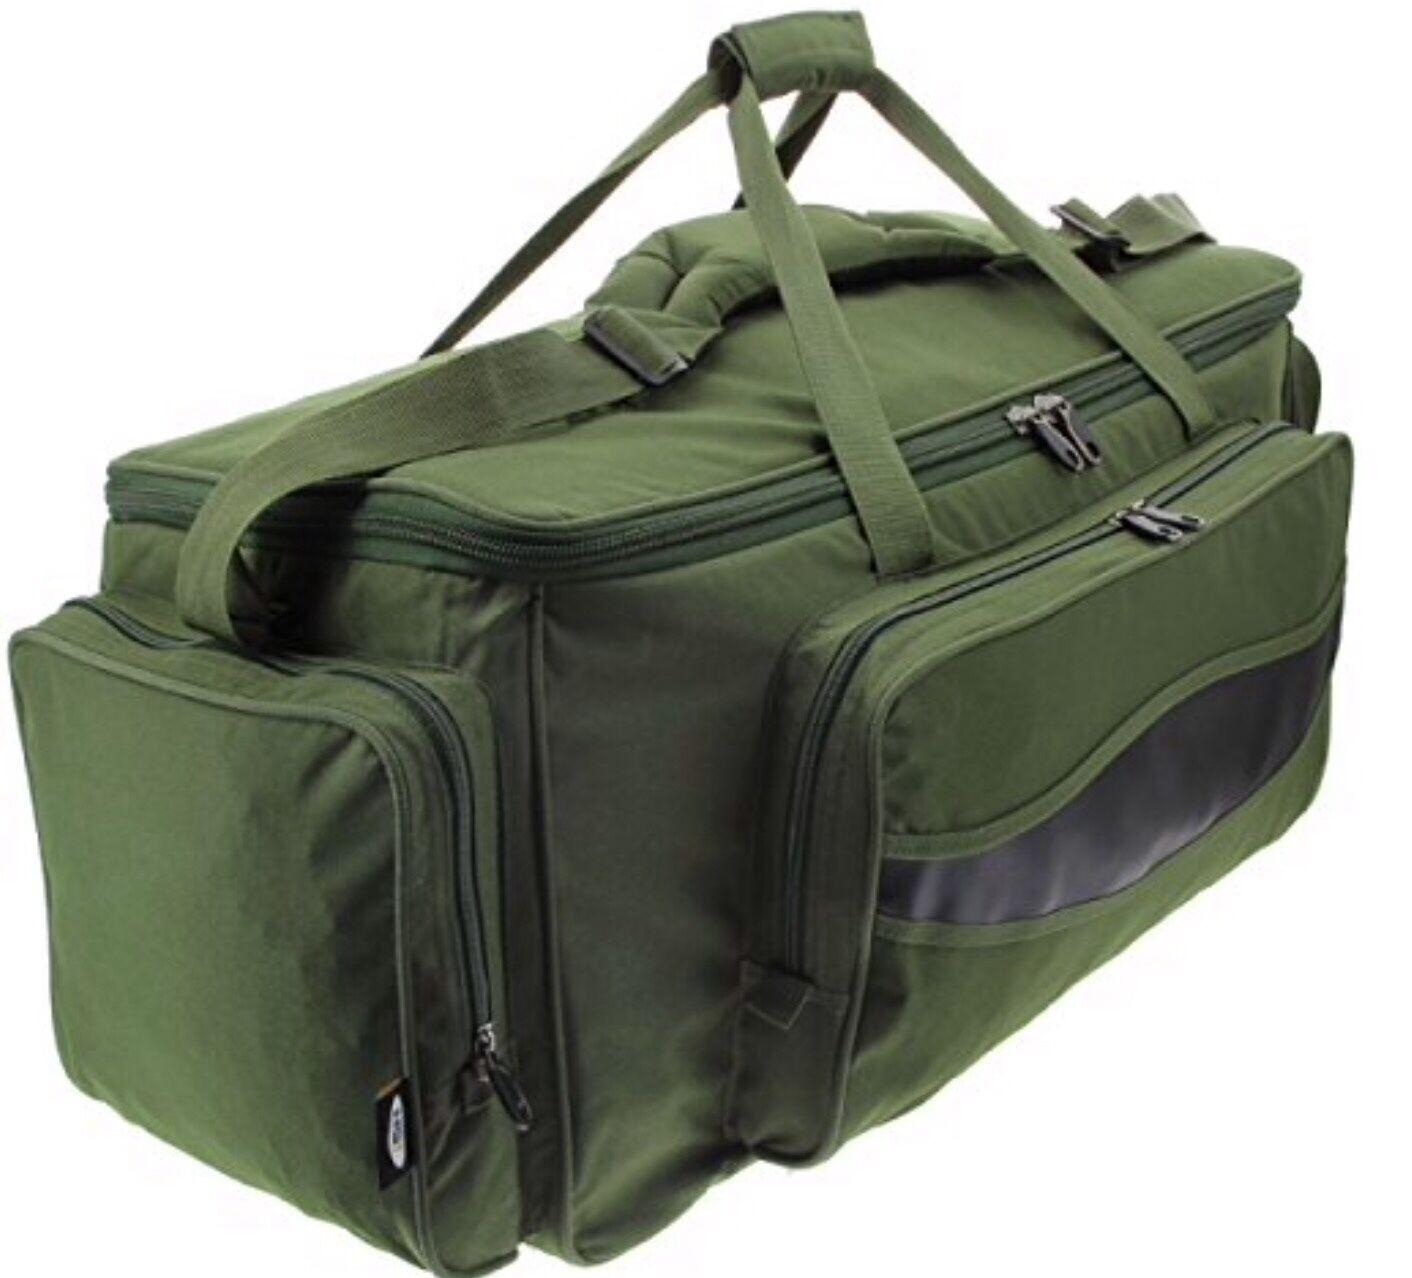 NGT carryall fishing bag 52x36x42